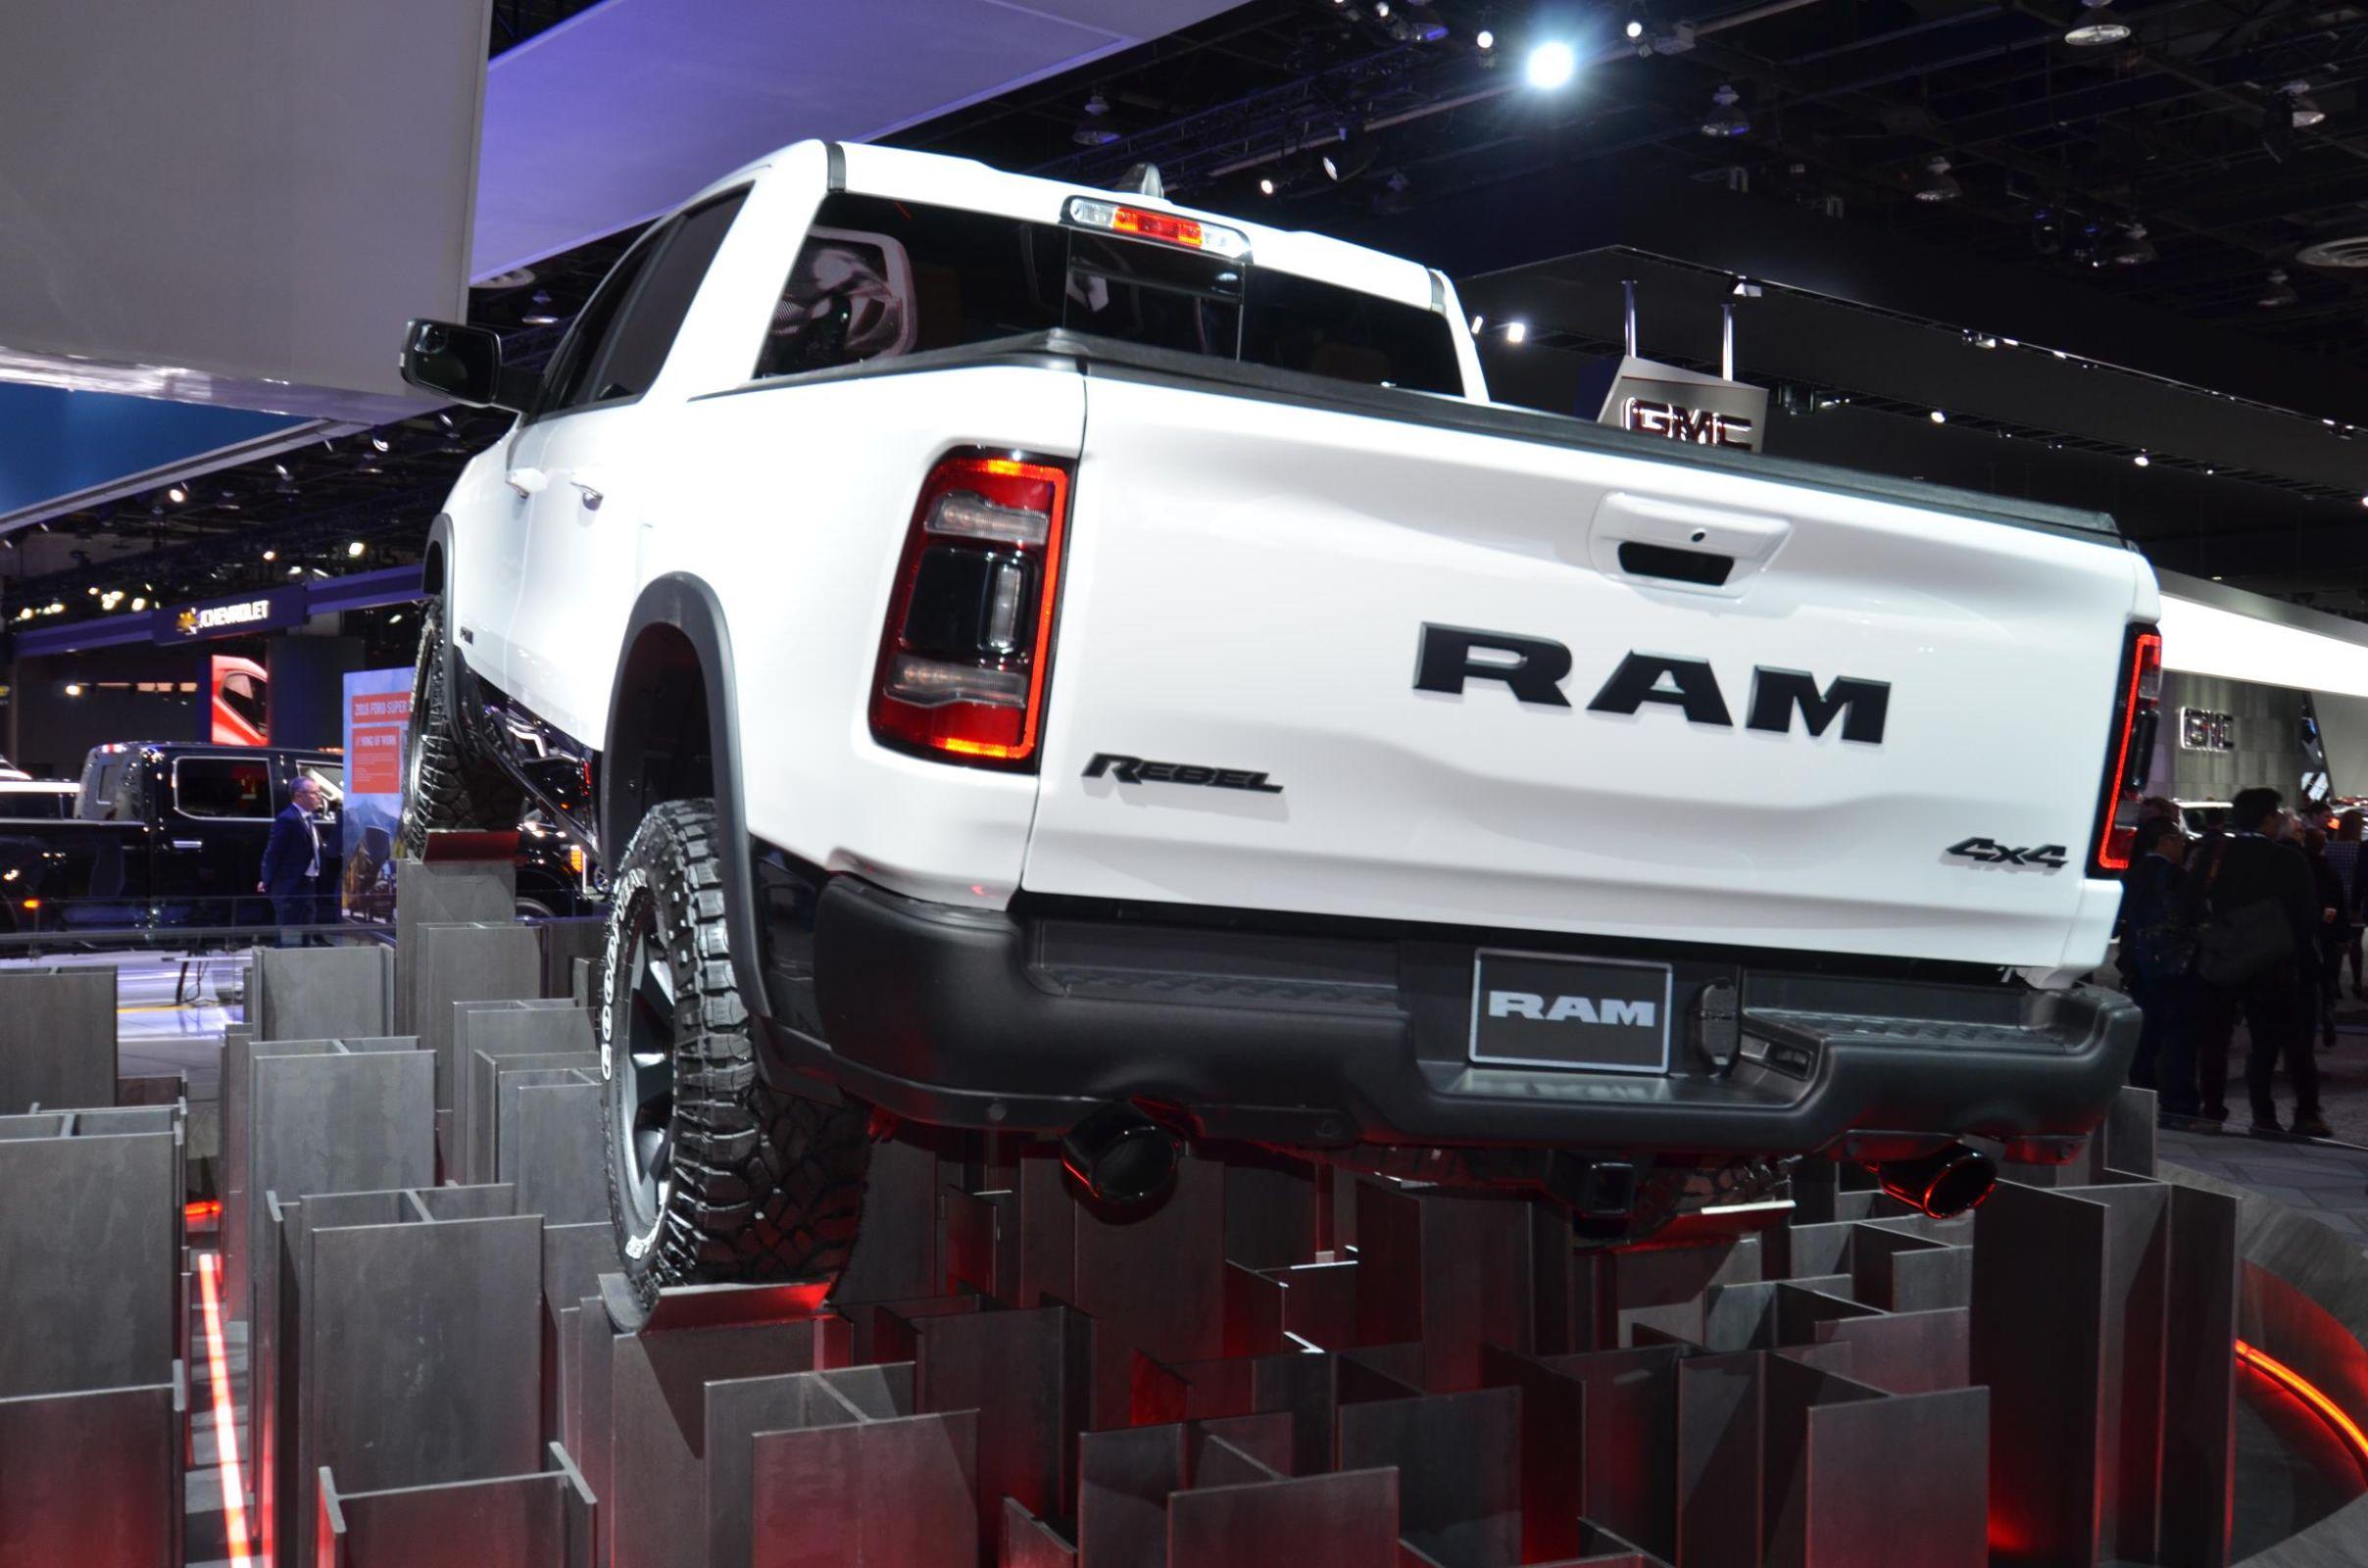 FCA estuda produzir picape média Fiat em Pernambuco. Novo modelo será baseado na Dodge Ram 1500, mas promete preços melhores. A picape será produzida sobre chassis e deve ter motor FTP 3.0 F1C.